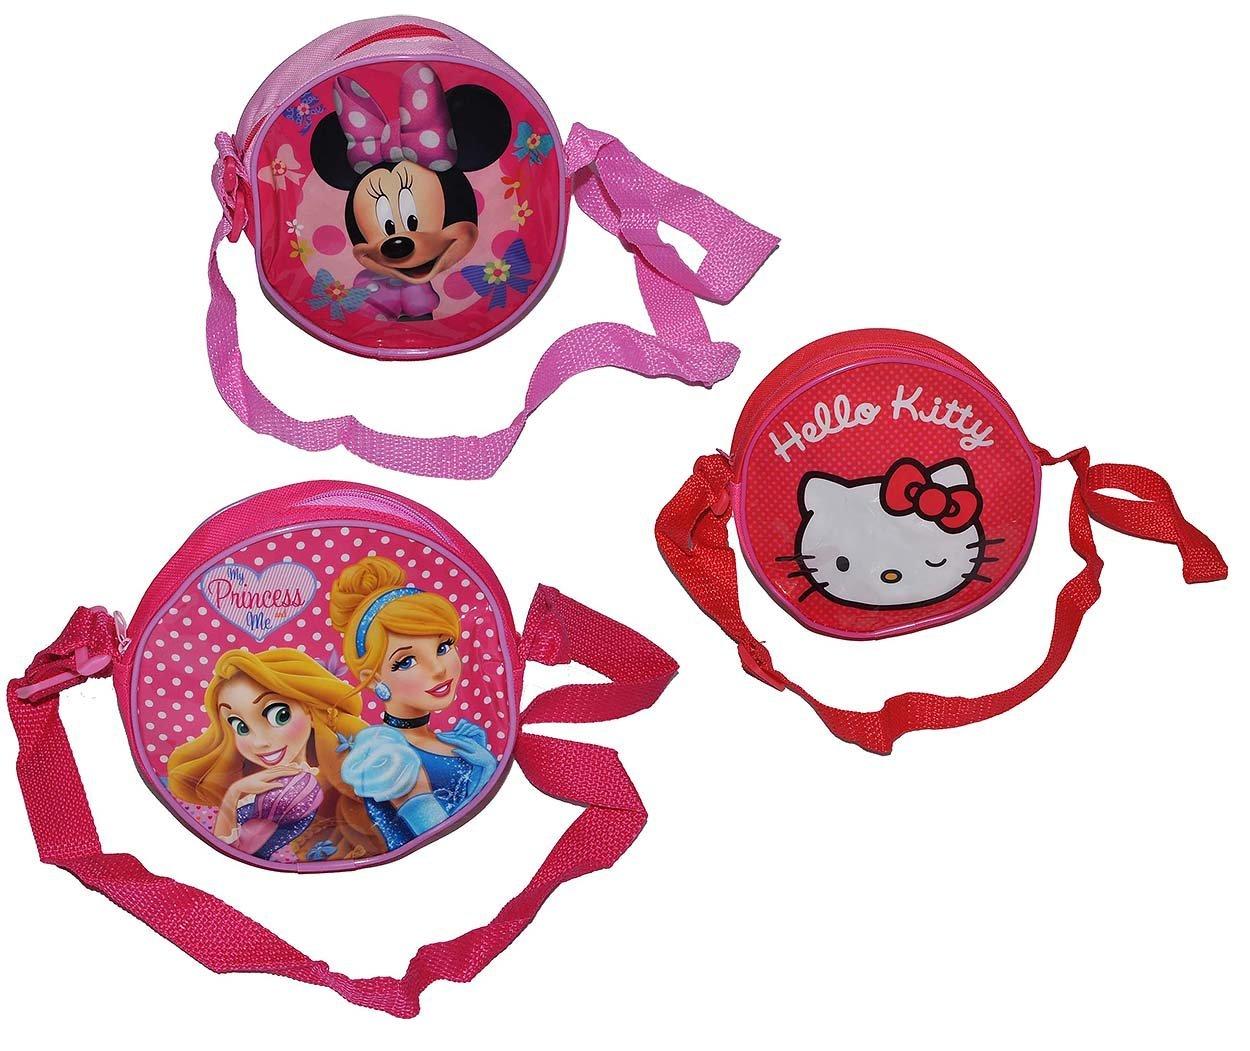 1 Stk. Umhängetasche / Schultertasche - Hello Kitty - Prinzessin - Minnie Mouse - für Kinder abwischbar - Kind Katze Blumen Mädchen Kindergartentasche Tragetasche Kindertasche Kinder-Land